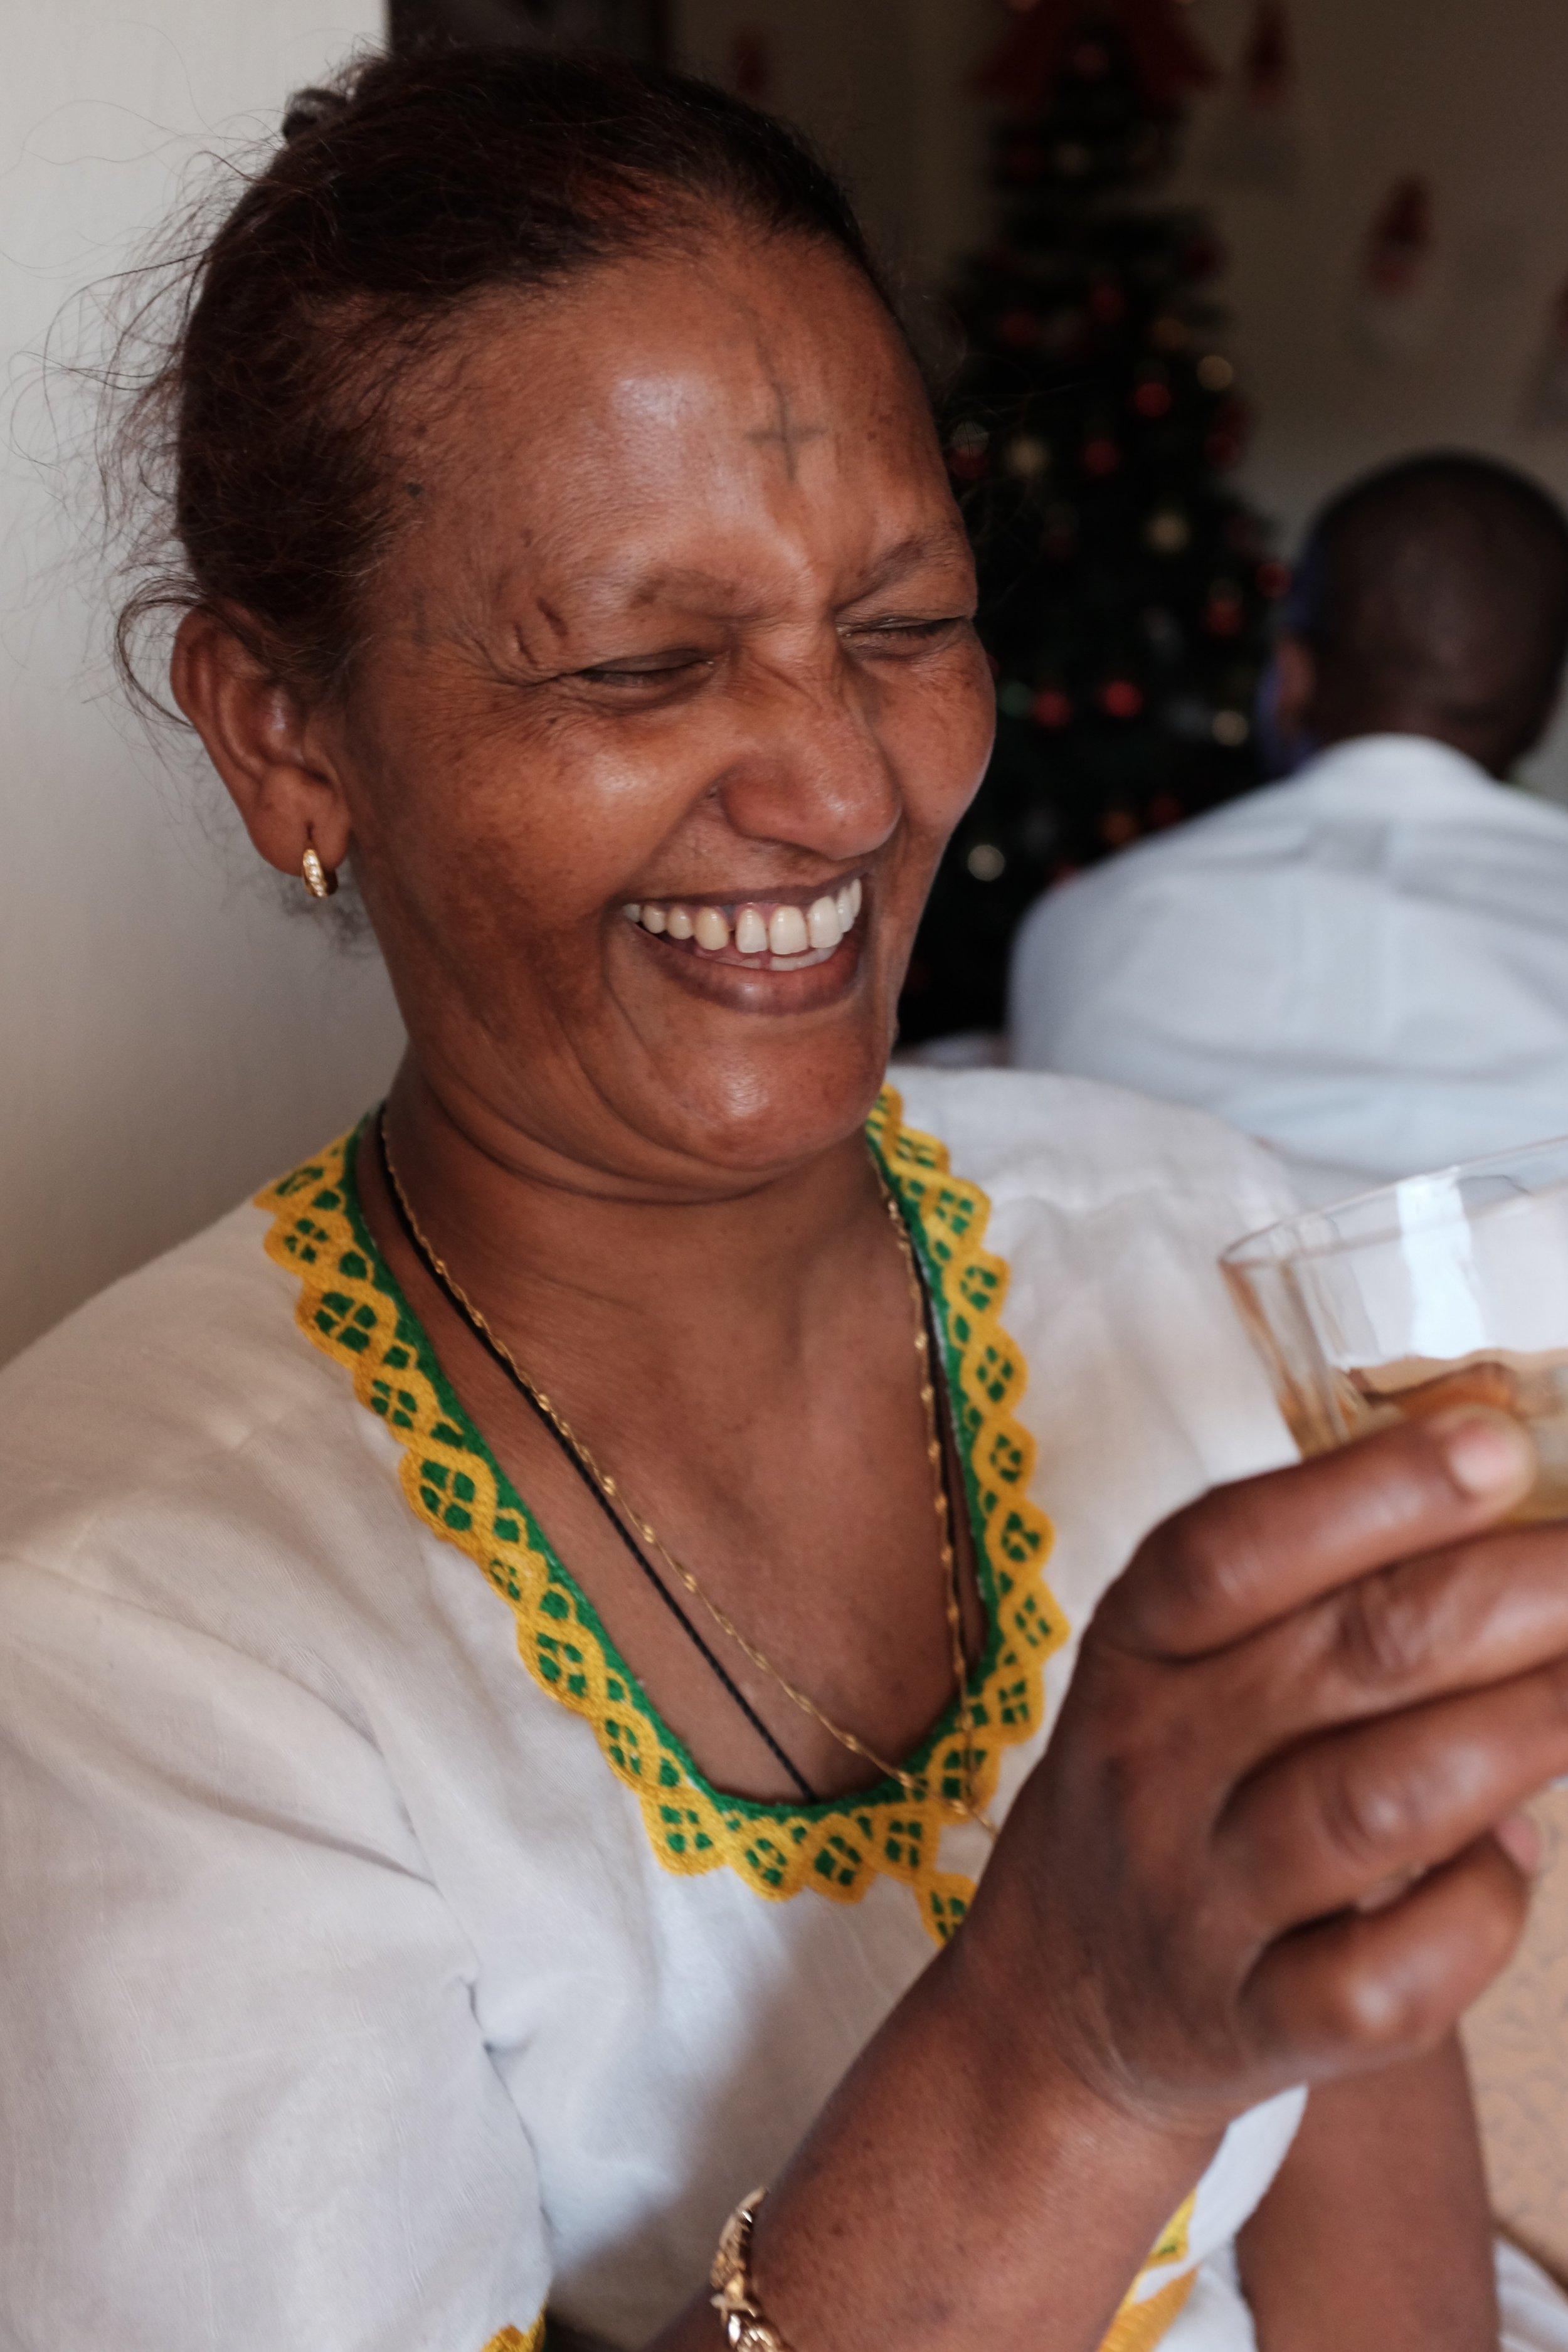 Zelalem Girma's Mother In Law, Ethiopian Chiristams.